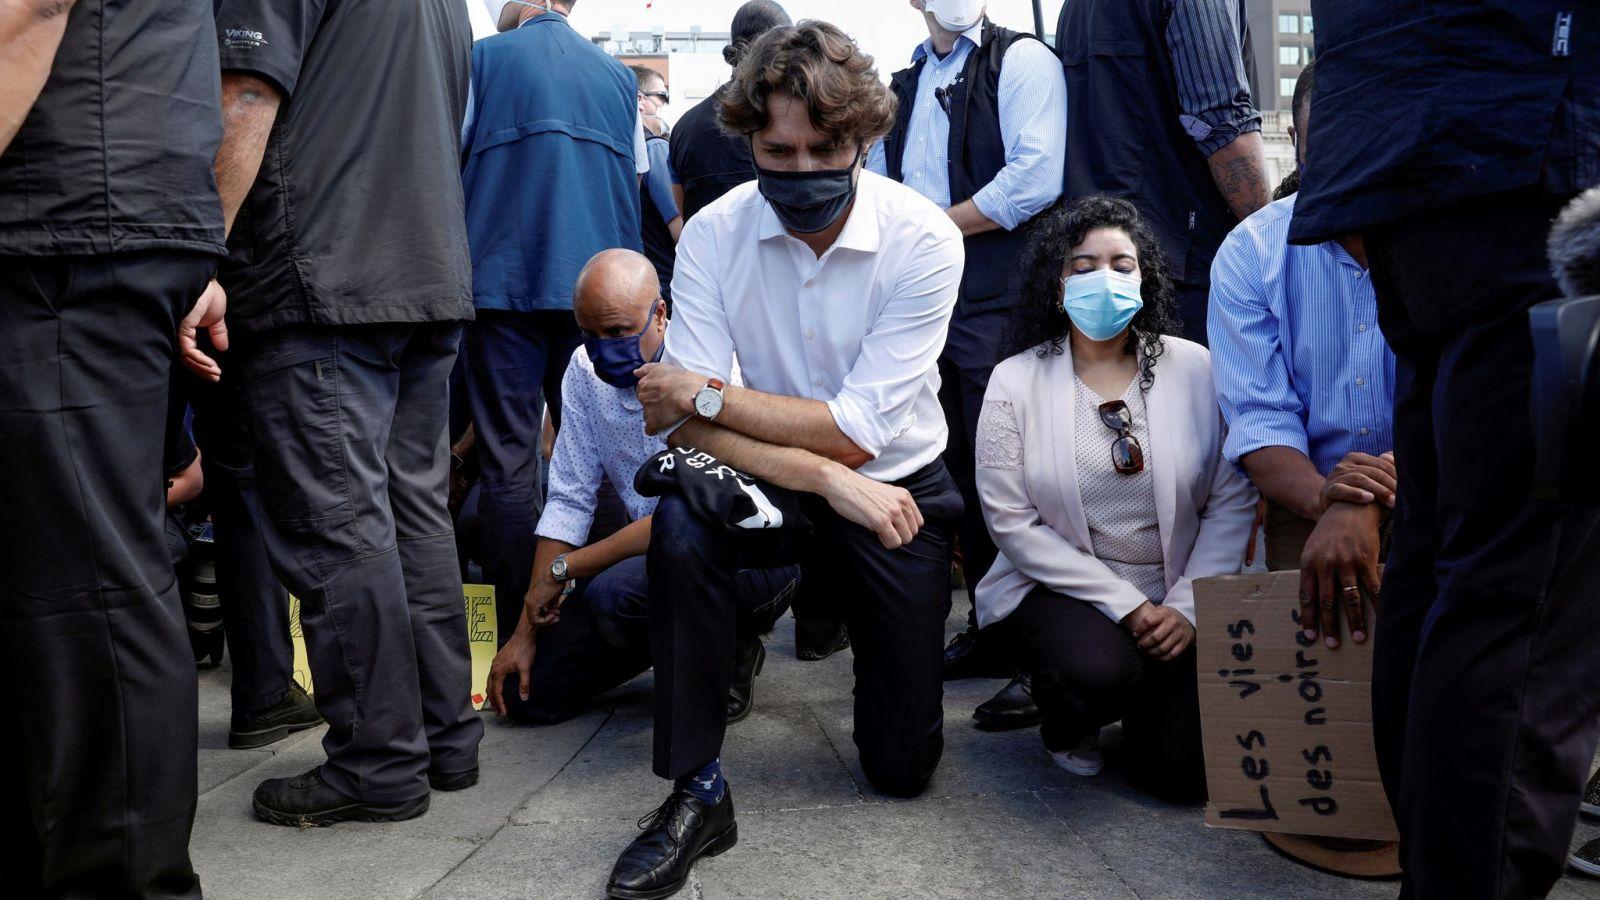 Τζαστίν Τριντό: Ο πρωθυπουργός του Καναδά γονατίζει σε διαδήλωση κατά του ρατσισμού [vid]